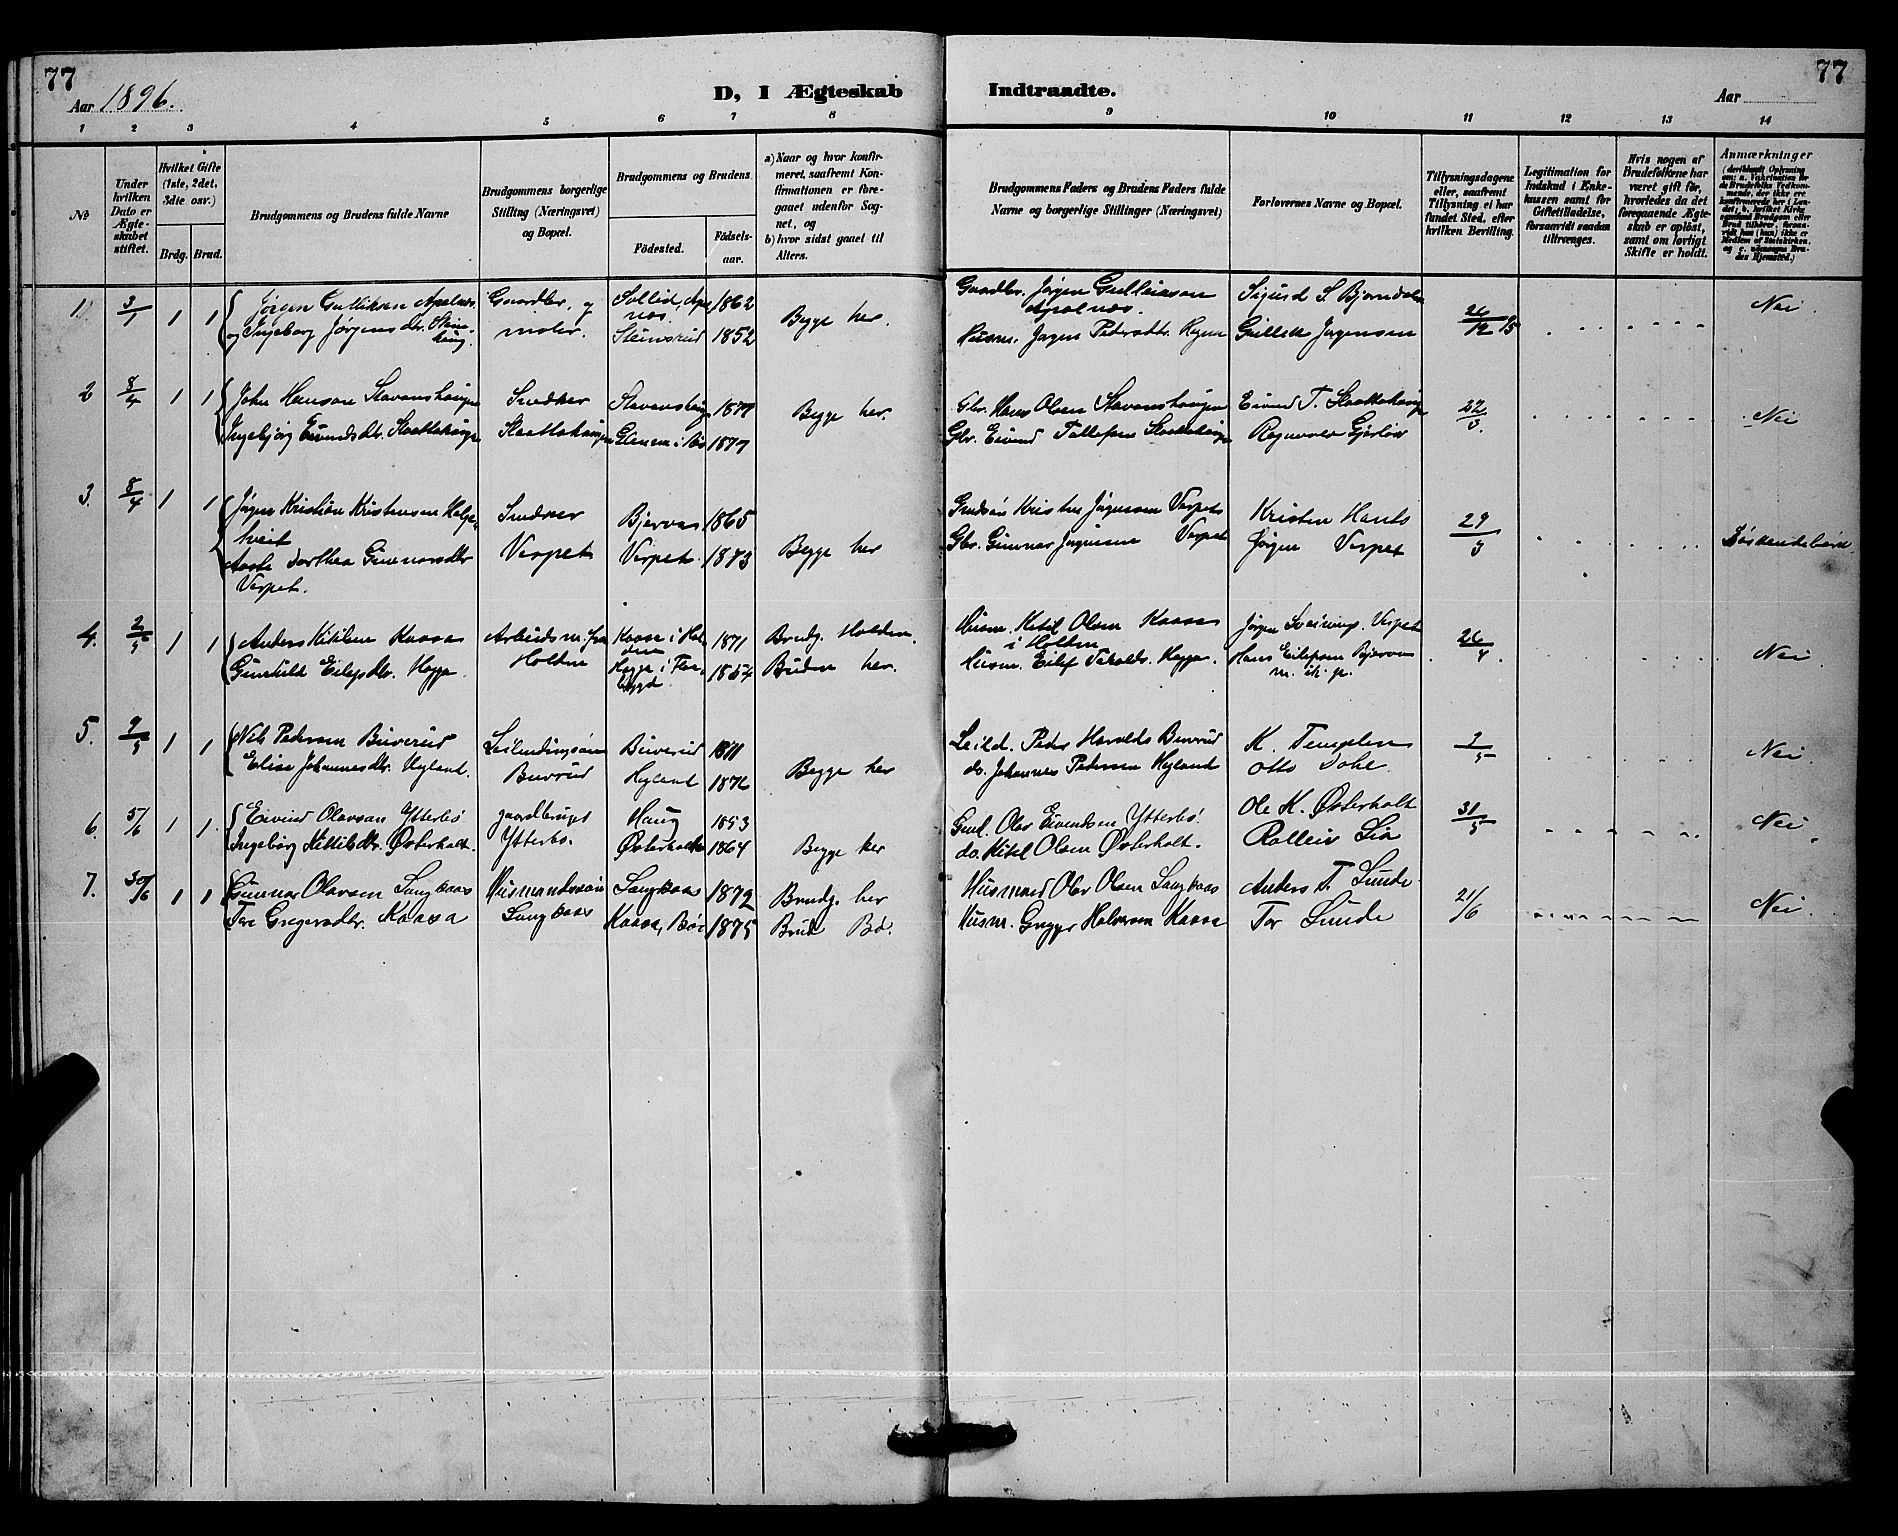 SAKO, Lunde kirkebøker, G/Ga/L0002: Klokkerbok nr. I 2, 1887-1896, s. 77